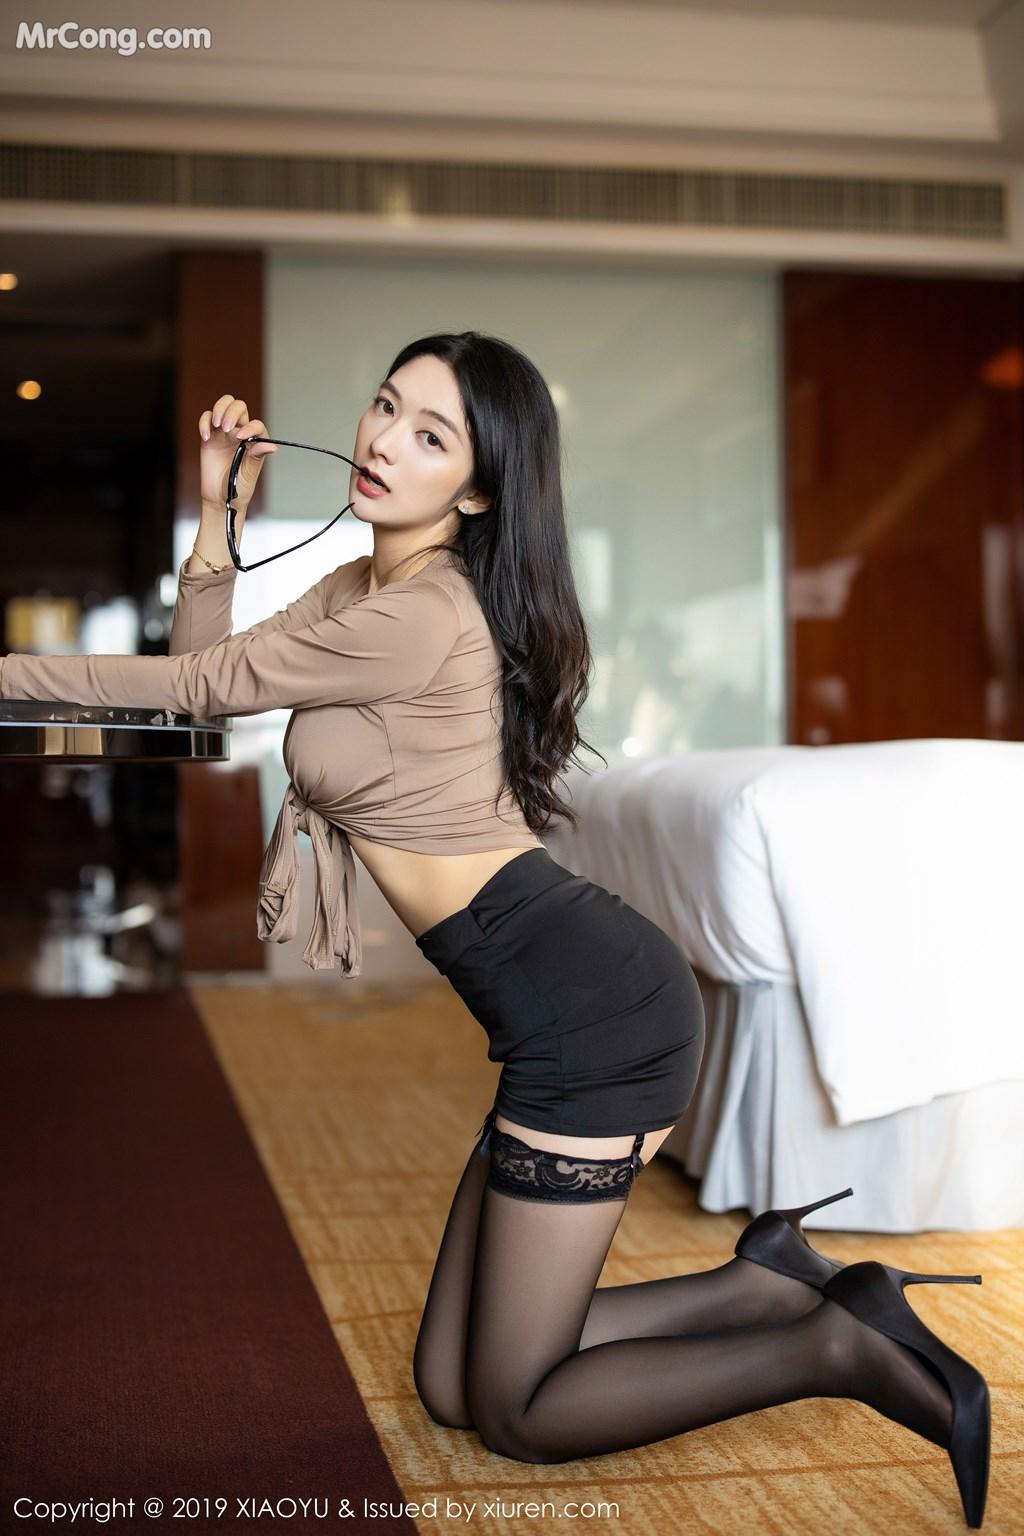 Image XiaoYu-Vol.154-Xiao-Reba-Angela-MrCong.com-029 in post XiaoYu Vol.154: Xiao Reba (Angela小热巴) (97 ảnh)